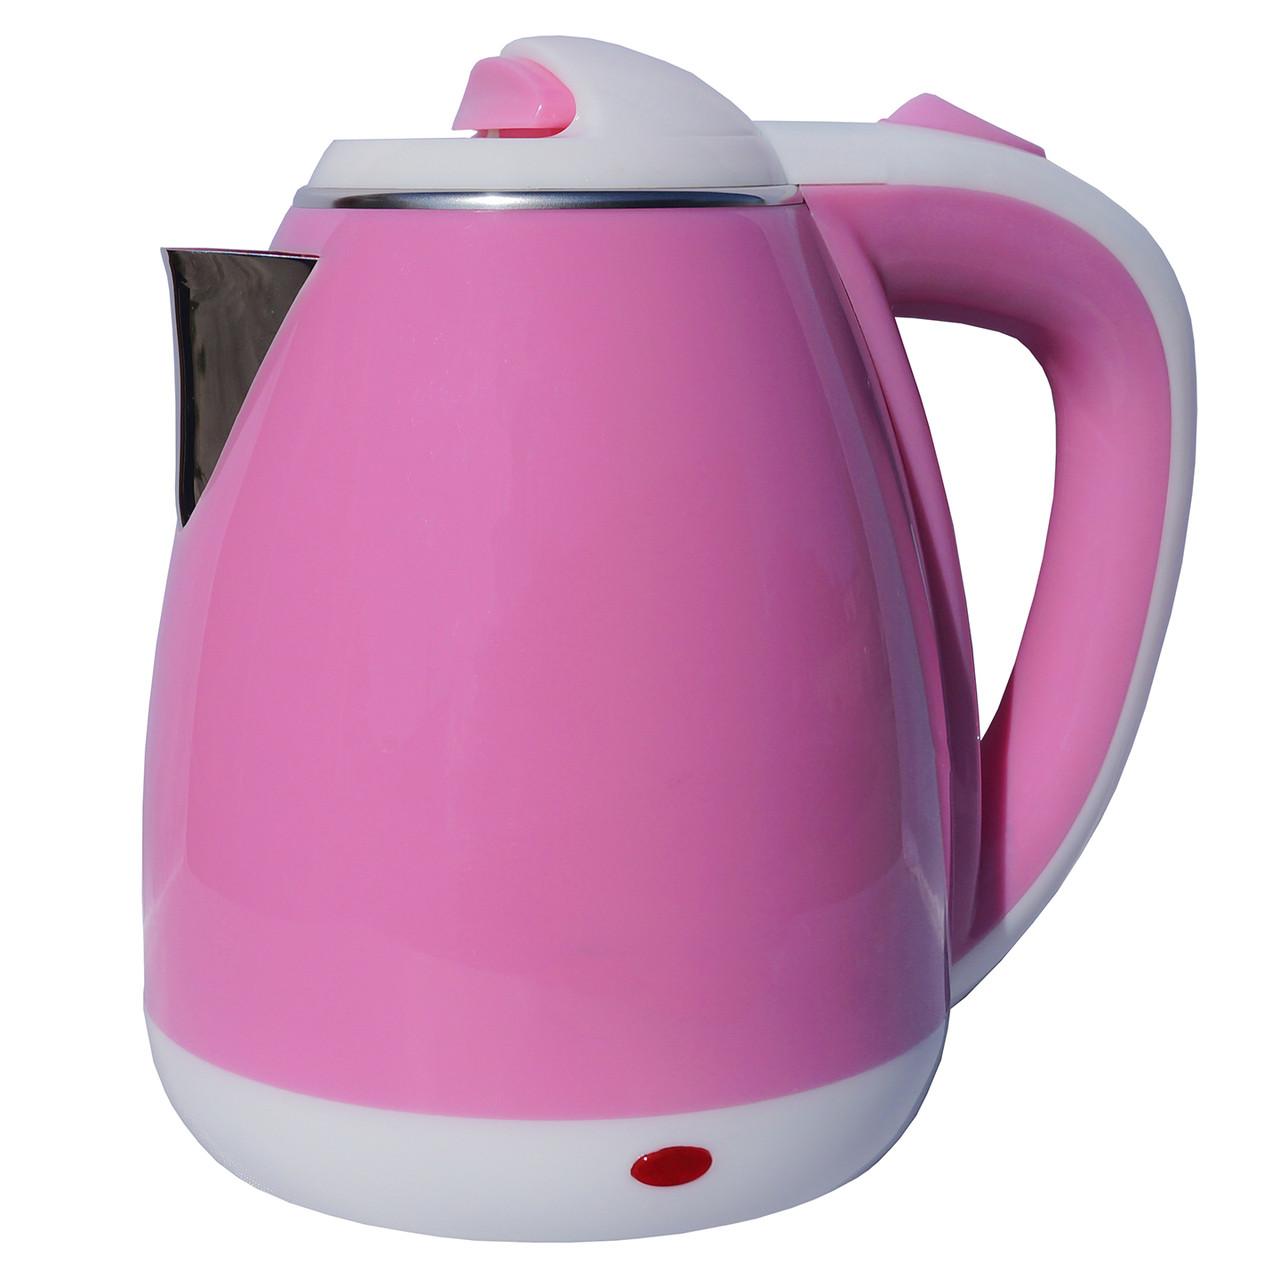 Электрочайник металл-пластик  DT 901 розовый 1.8 литра распродажа